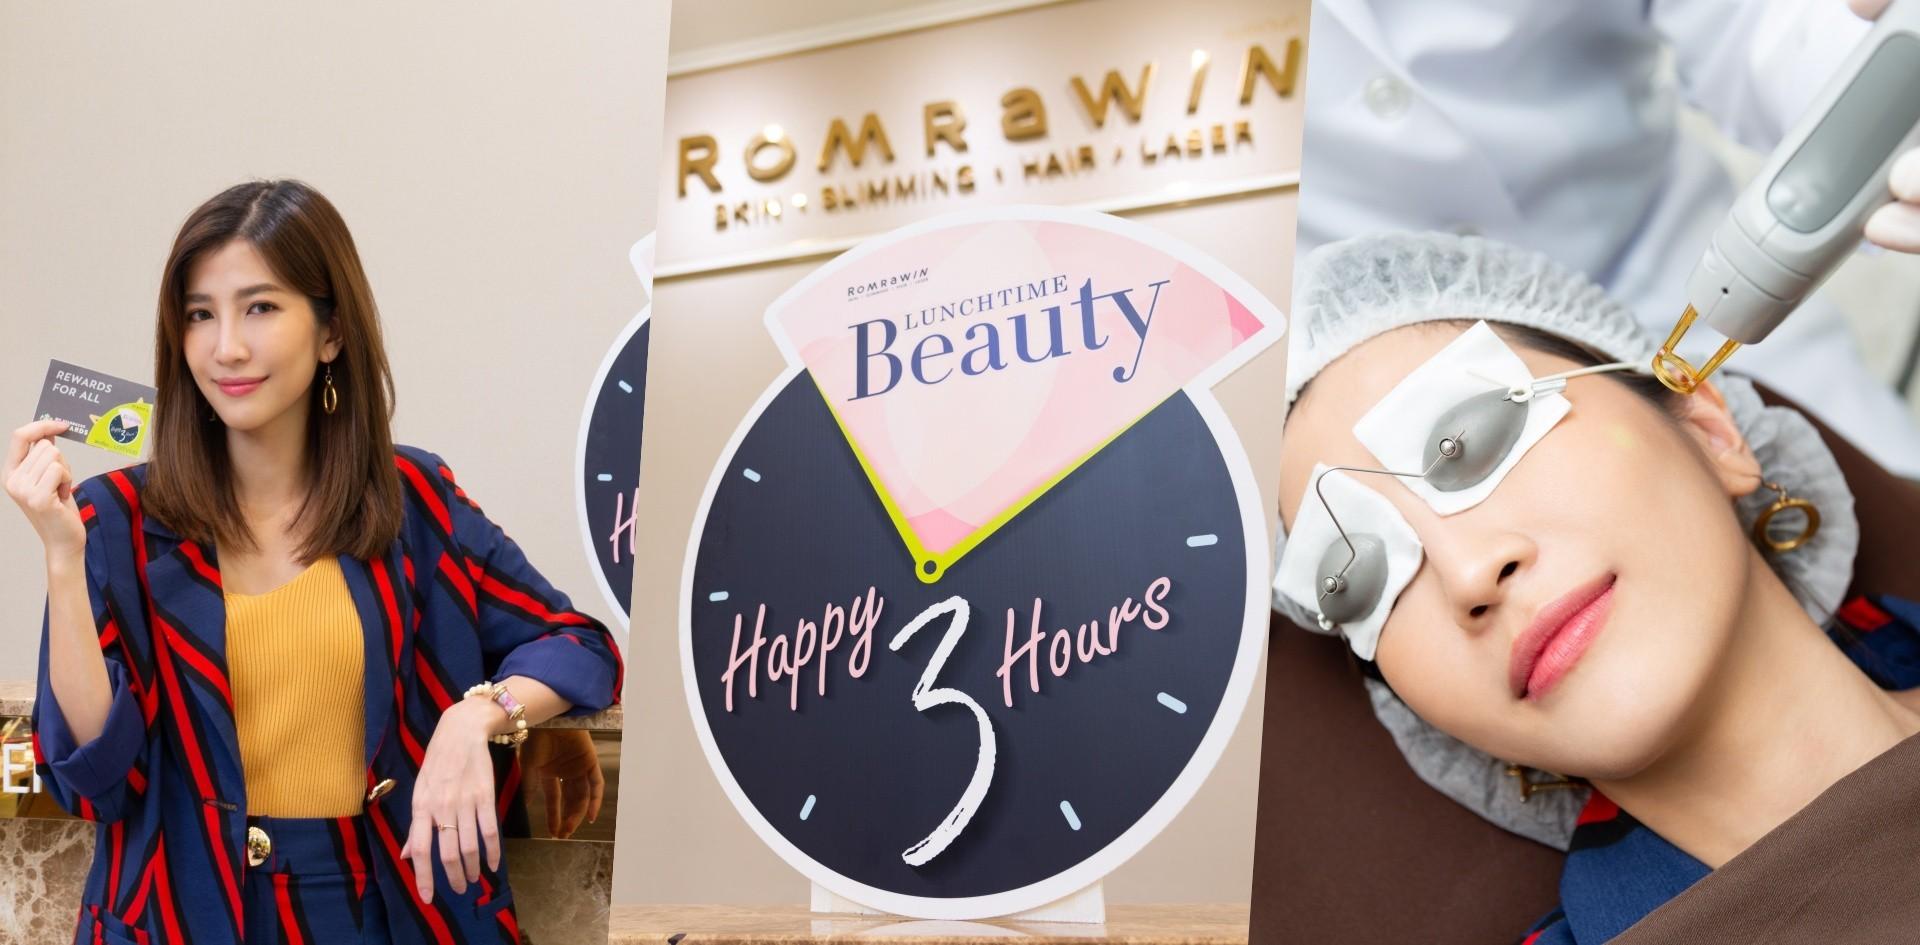 พาไปทำสวย ในเวลาจำกัดที่ Romrawin Clinic